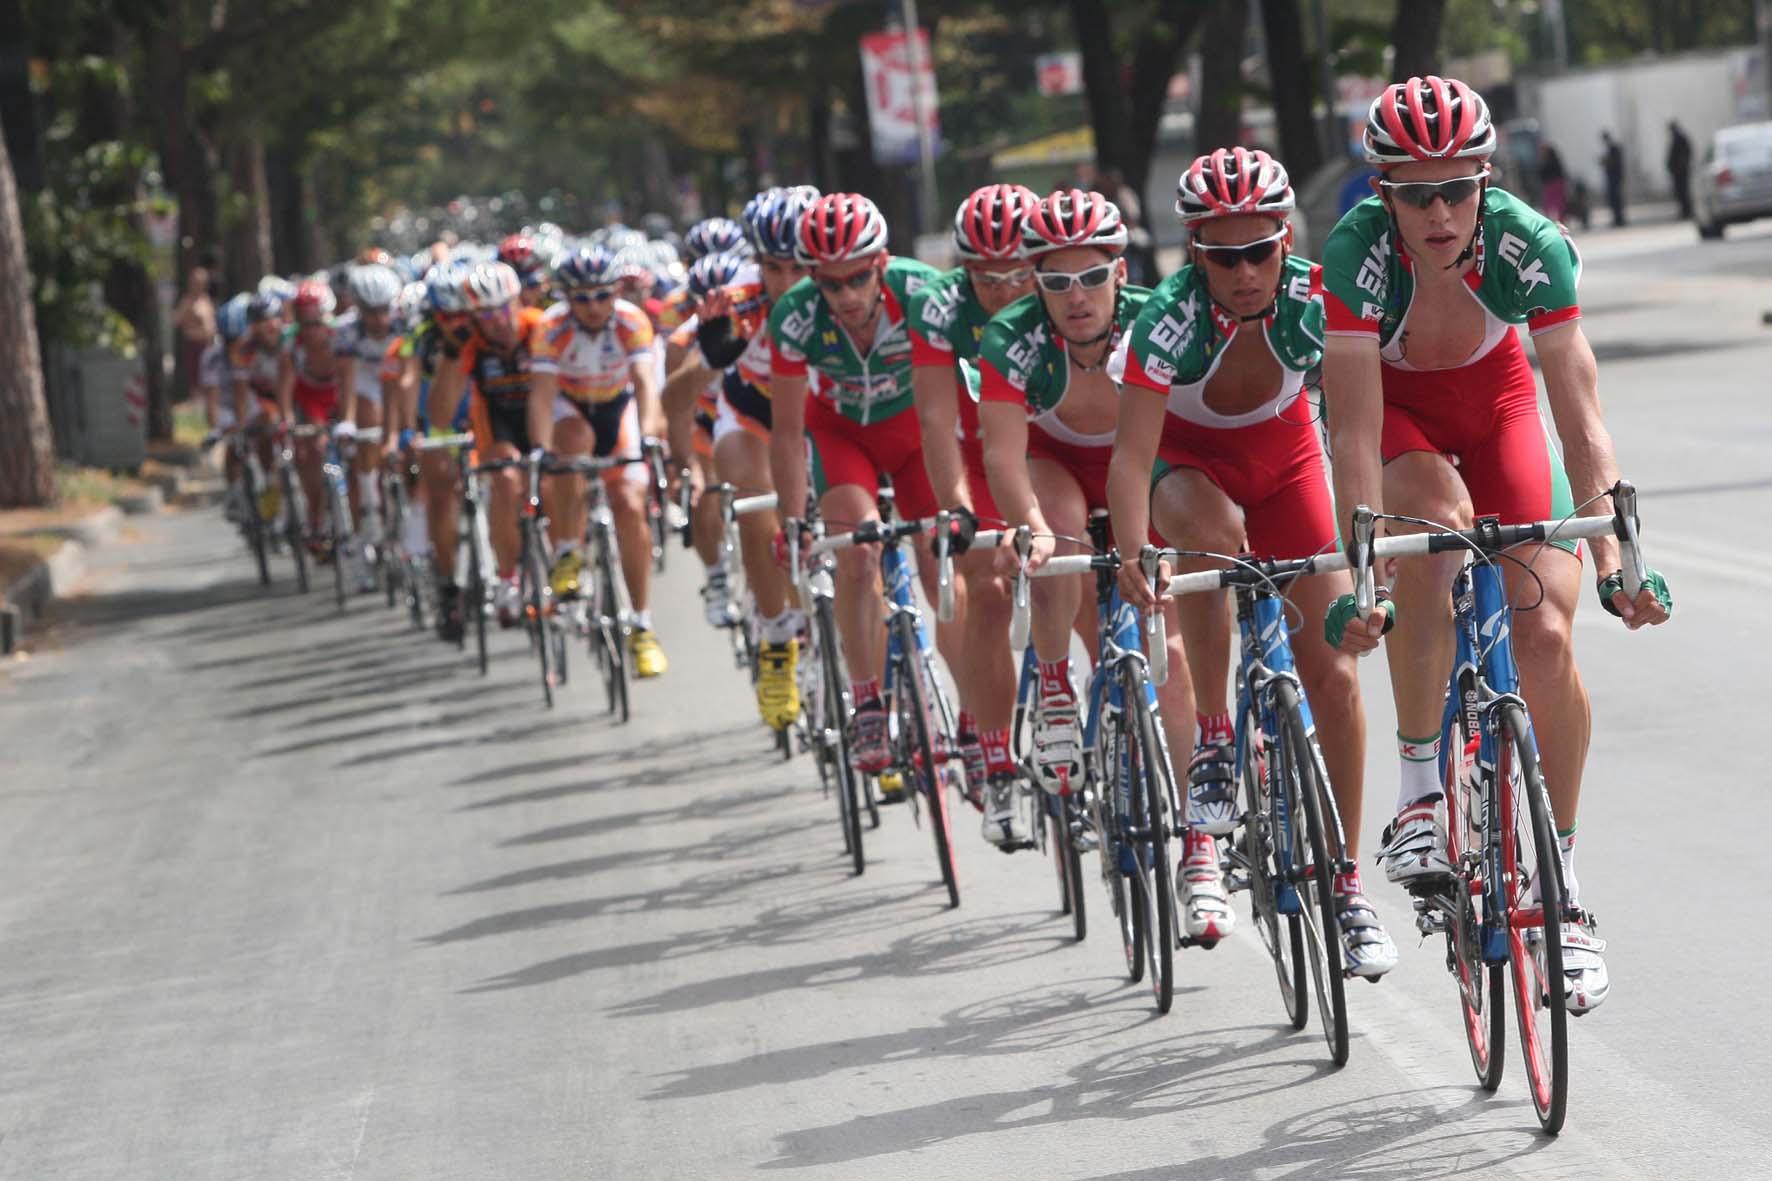 """Giro d'Italia a Sciacca, proposta del vicesindaco Bellanca agli organizzatori  """"Il 9 maggio ricordiamo il giovane ciclista Emilio Ravasio, esempio di sport"""""""